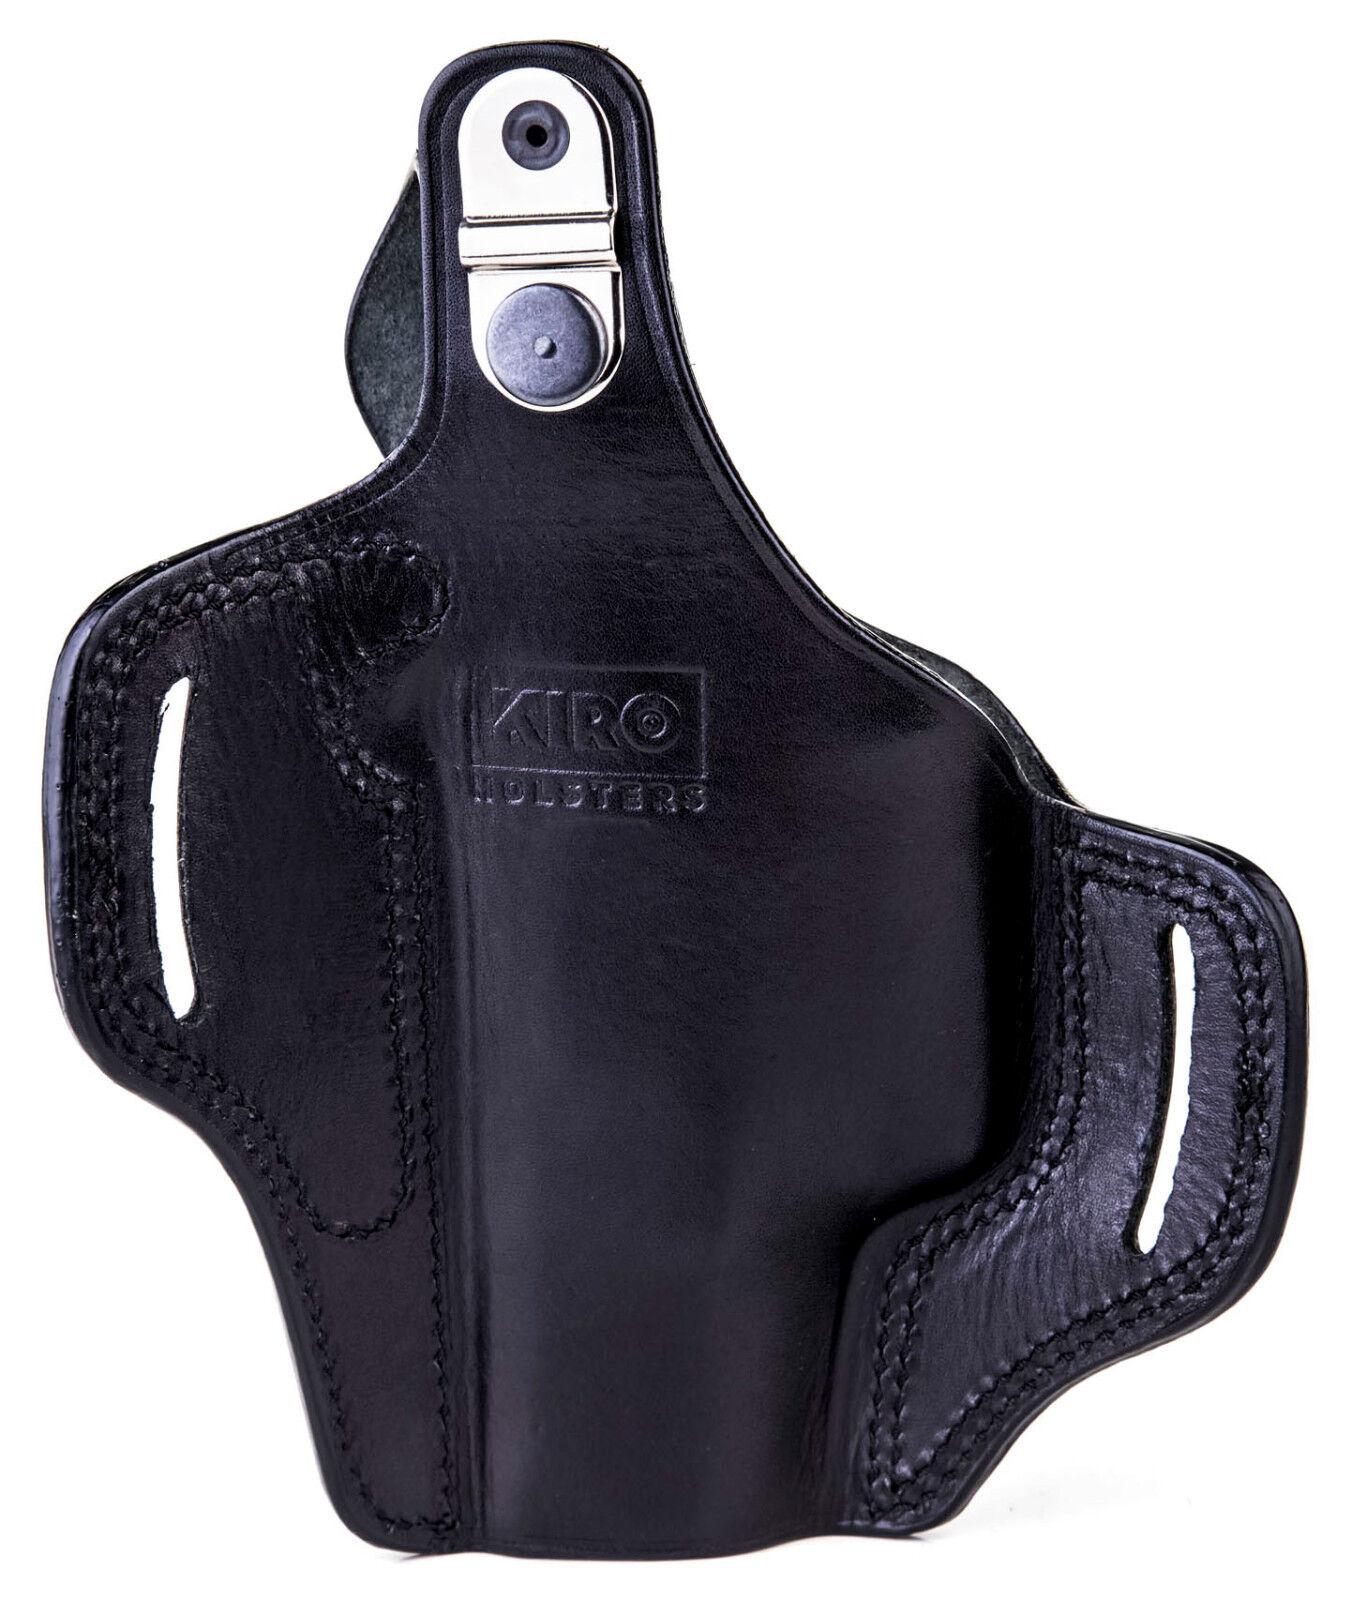 La TB Casual-Kiro pulgar romper Funda De Cuero Para Glock 17, 22 y 31